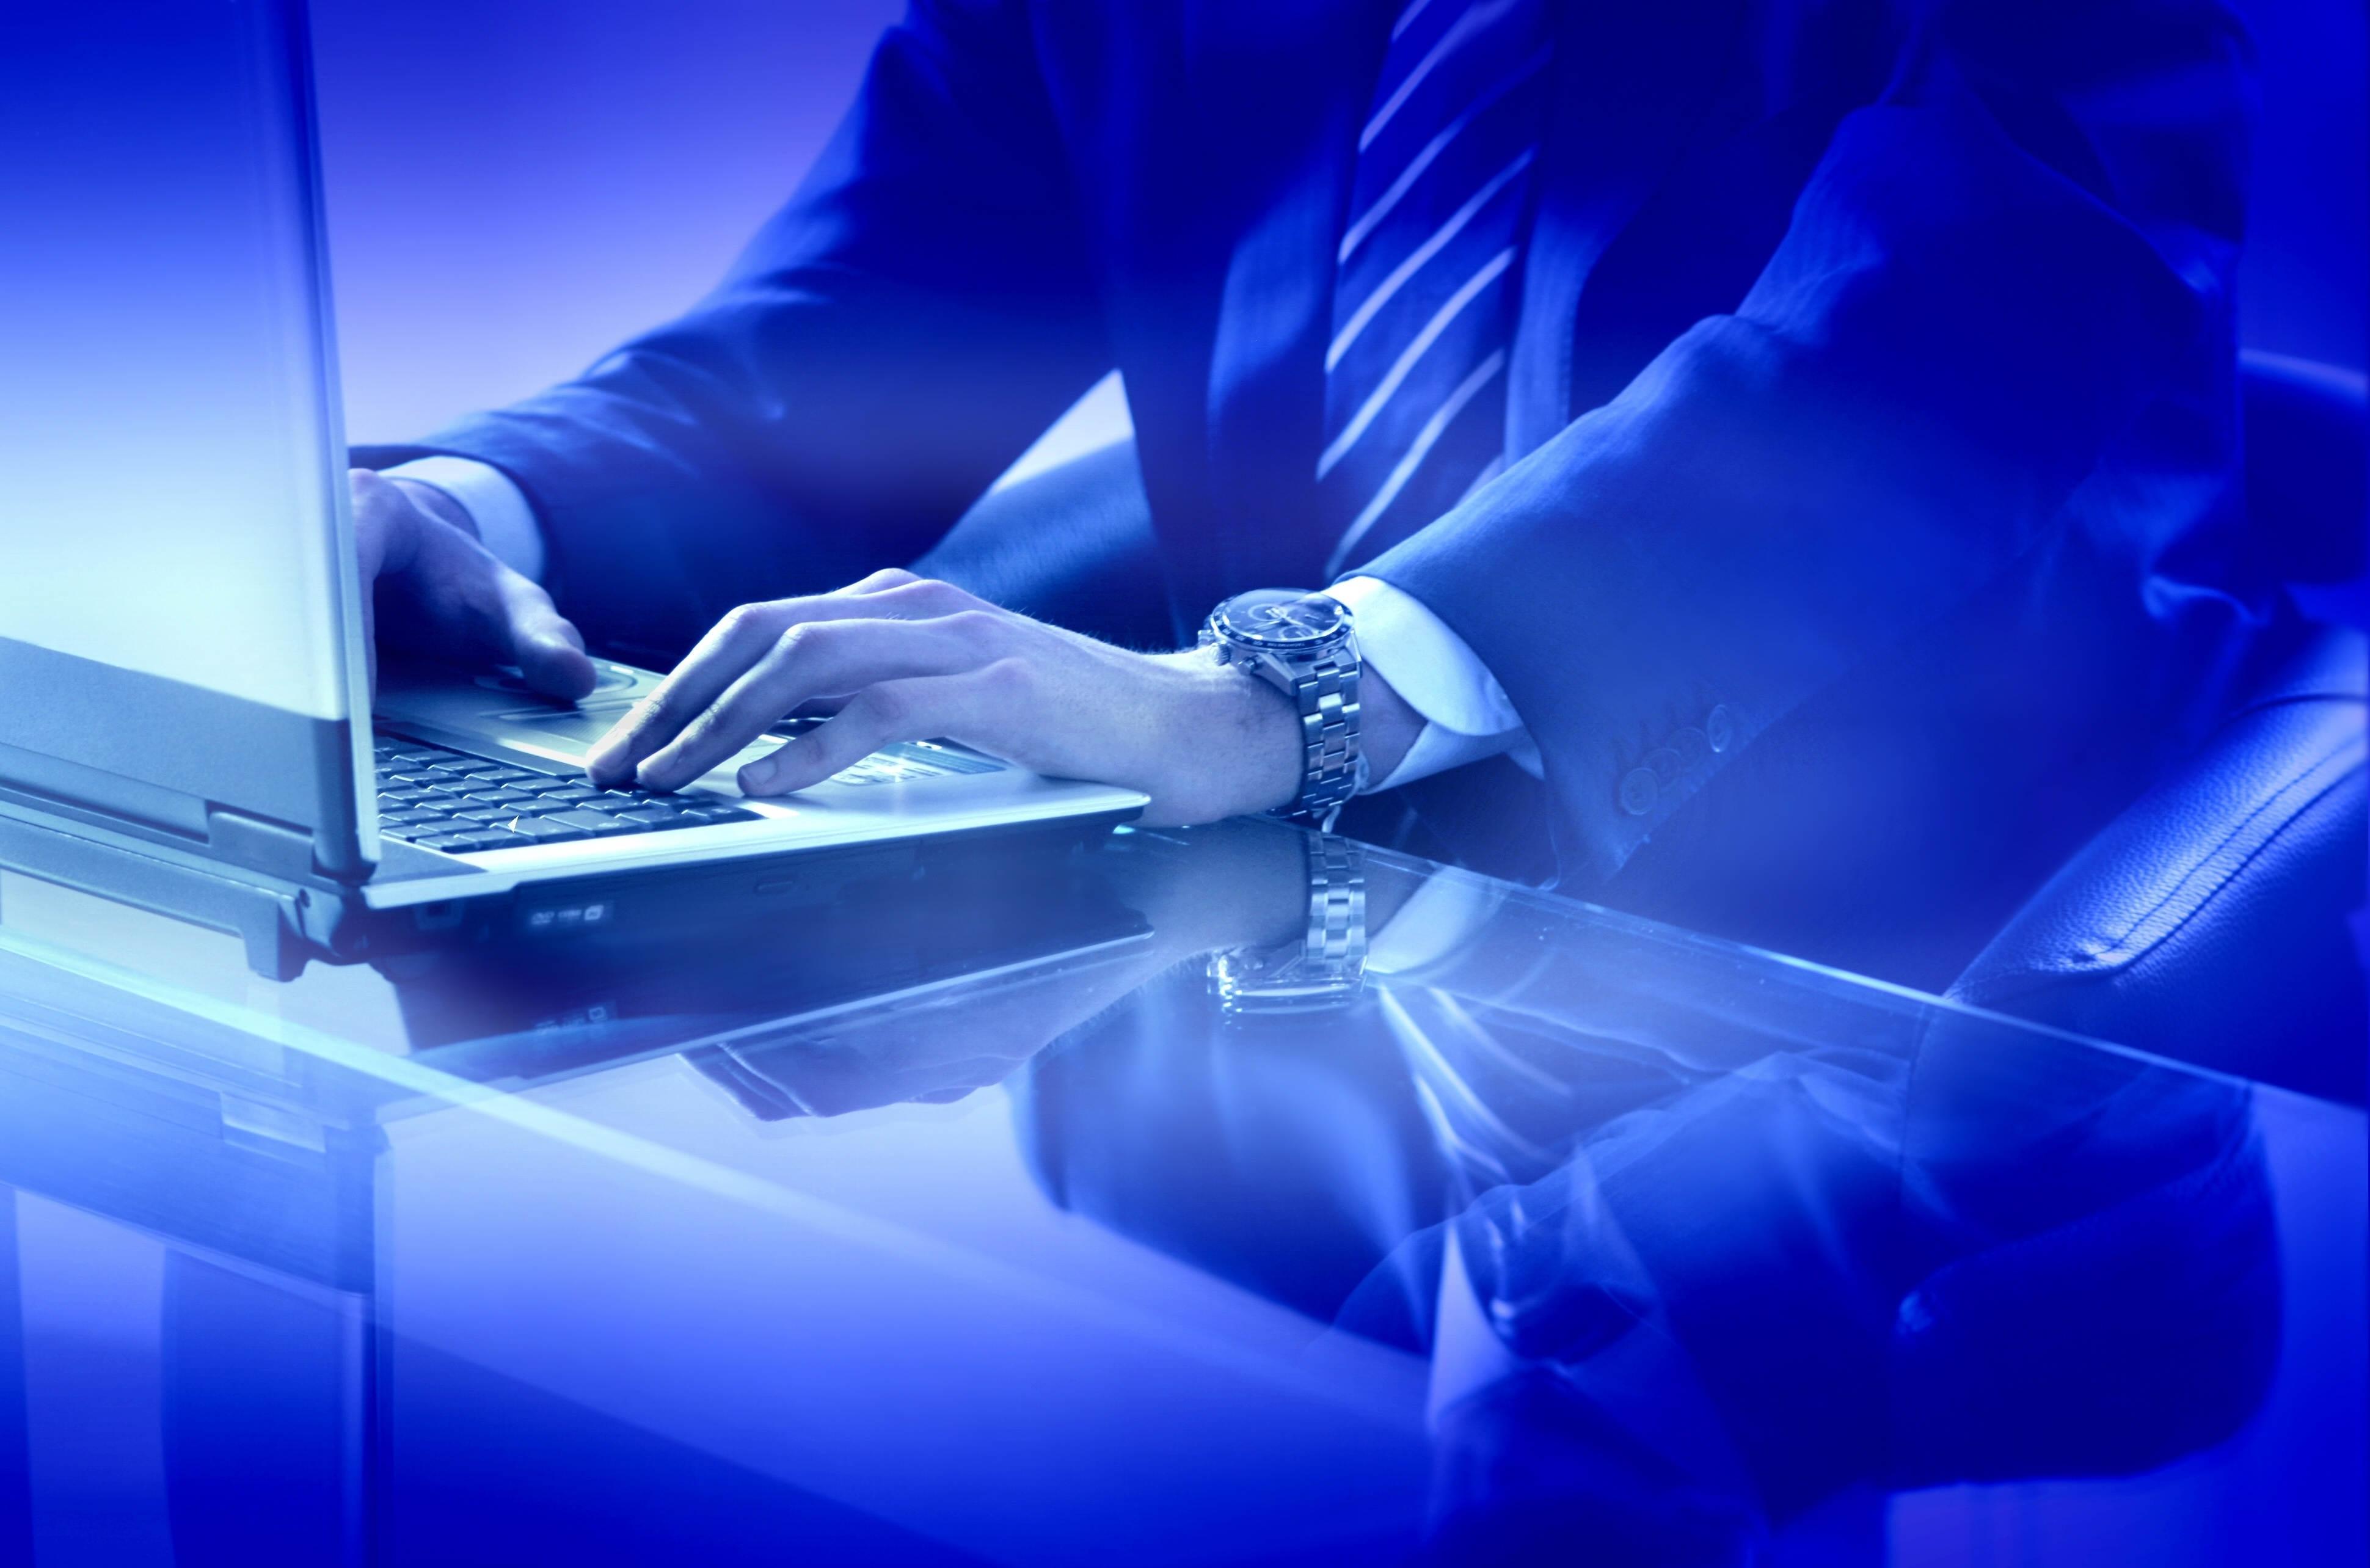 デスクトップ壁紙 手 青 ラップトップ 光 キーボード スクリーンショット コンピュータの壁紙 ビジネスマン 30x2567 Wallup デスクトップ壁紙 Wallhere